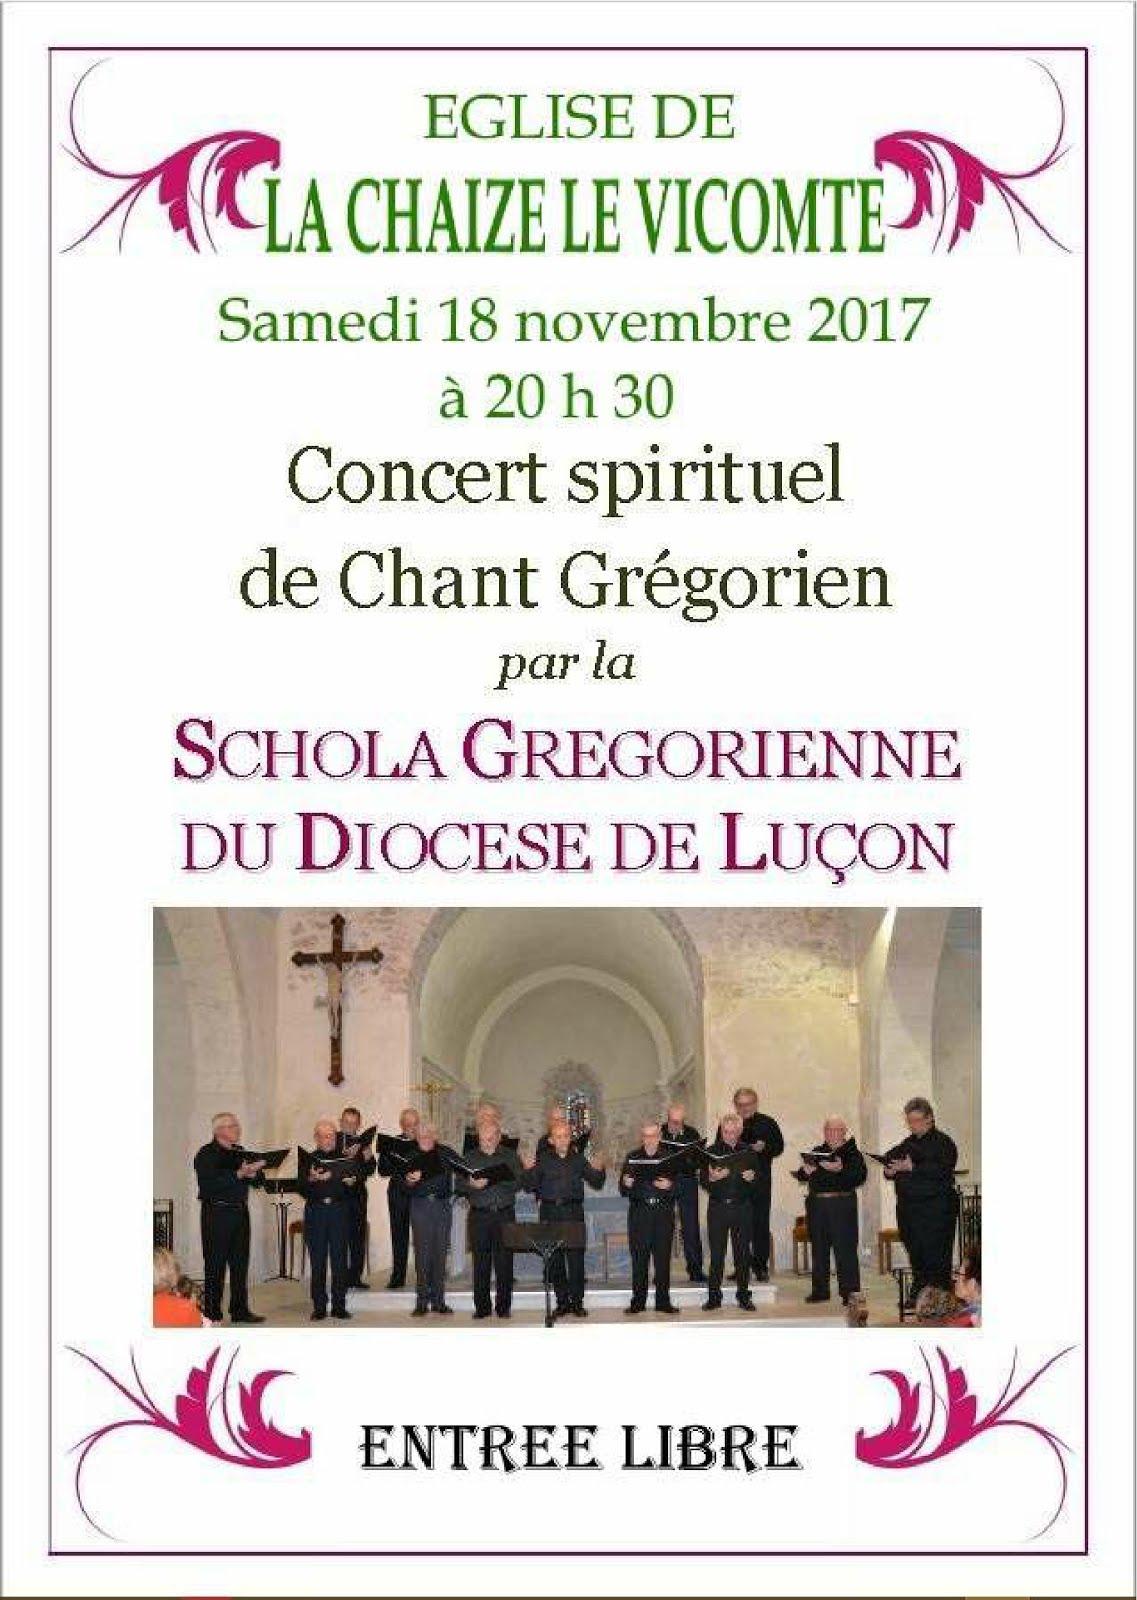 concert spirituel de chant Grégorien